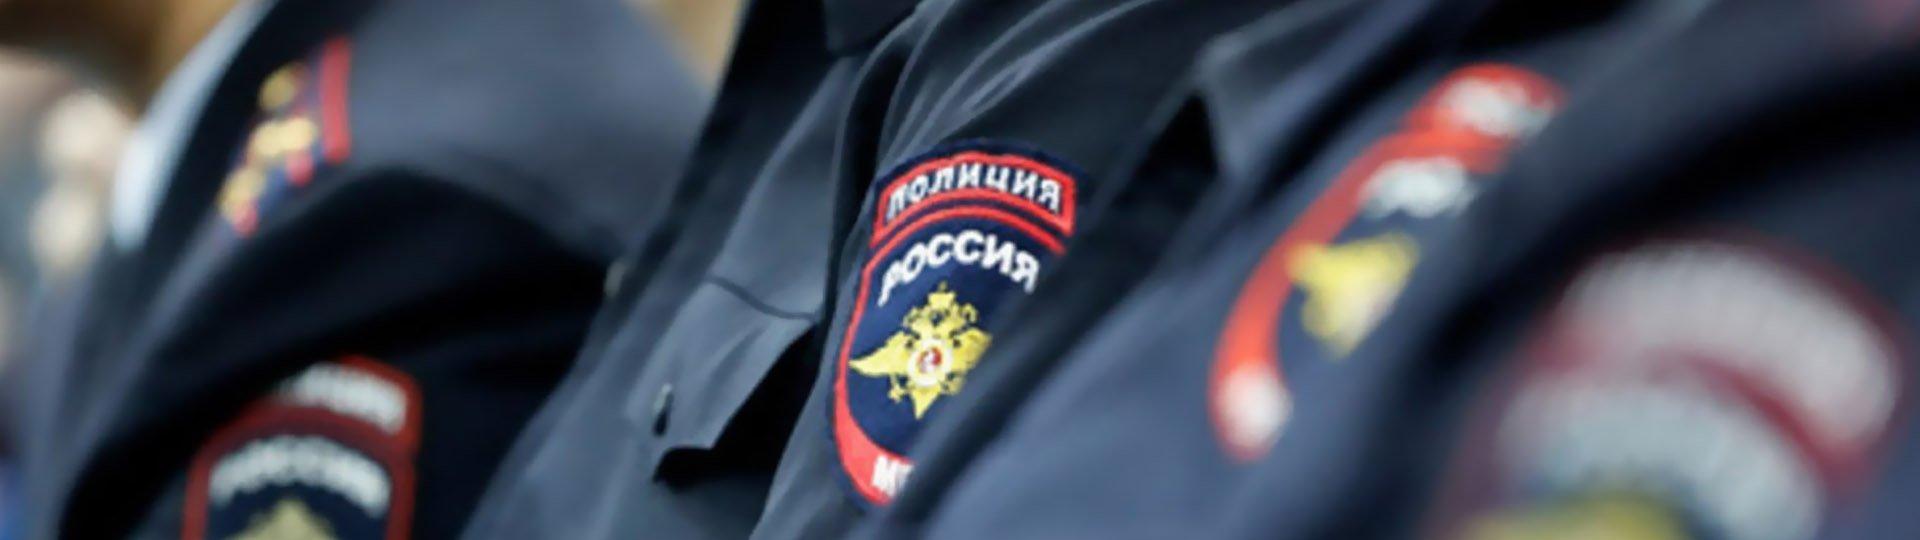 Отдел МВД России